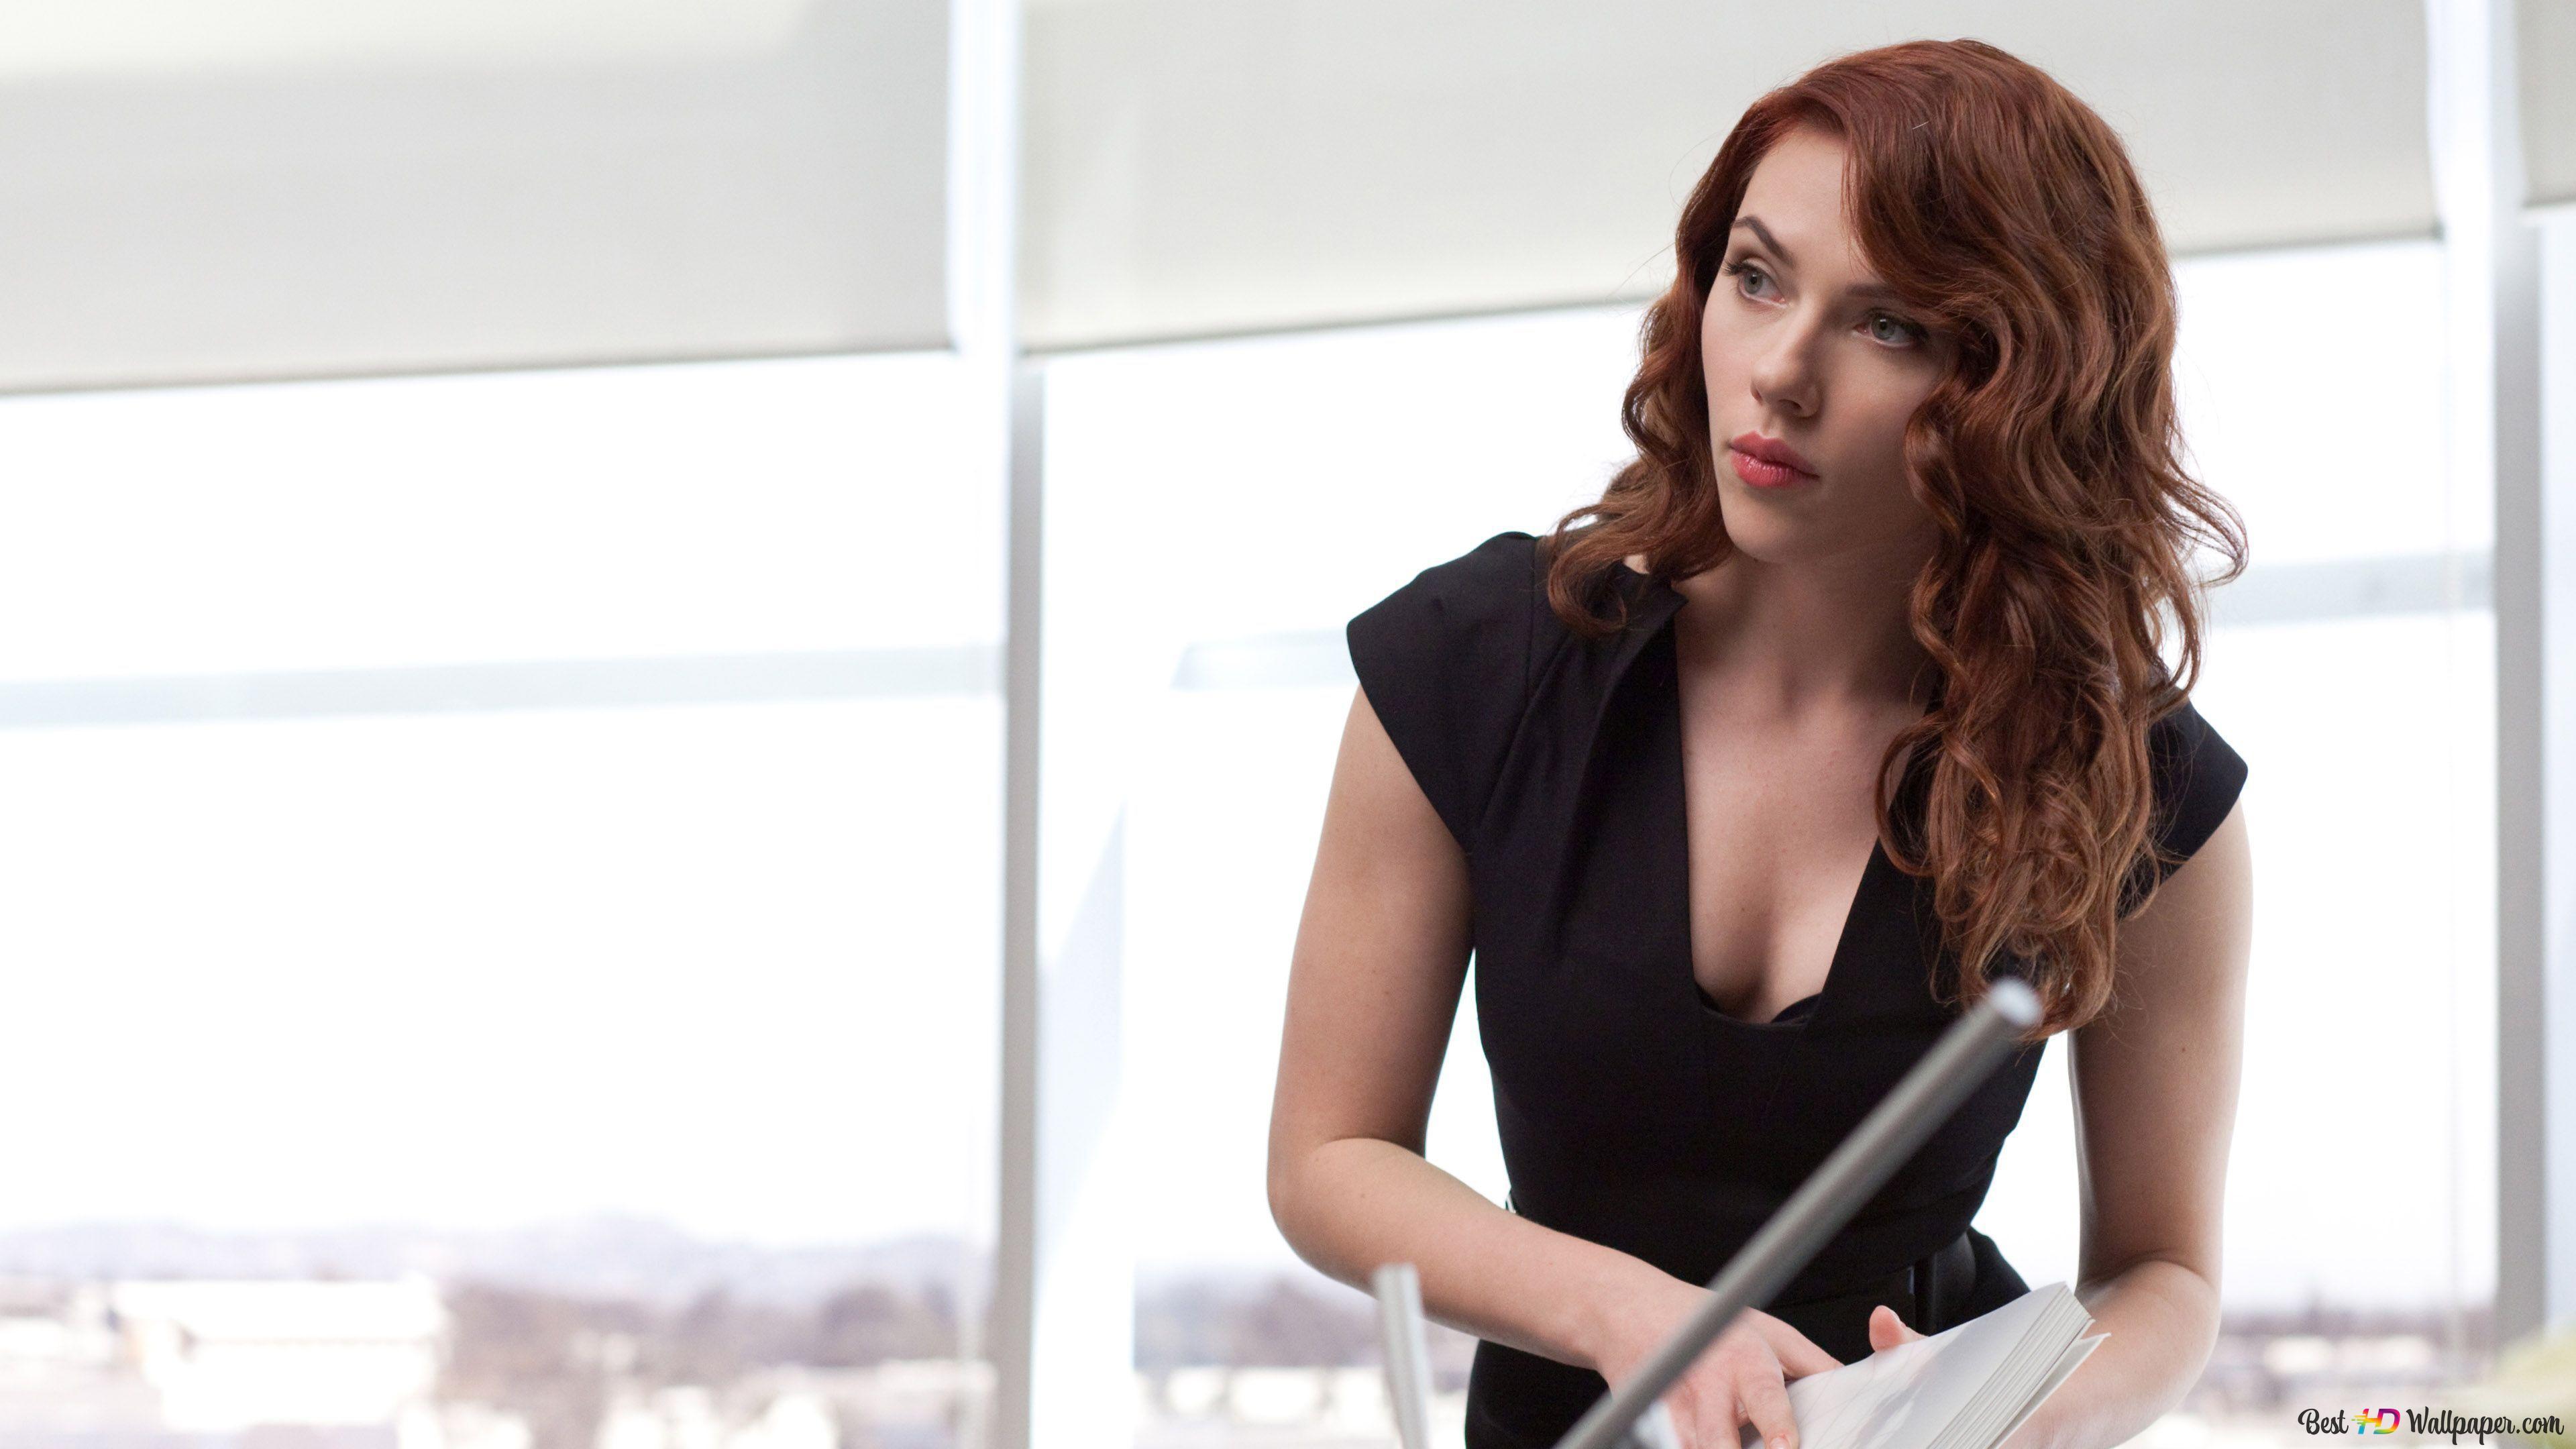 Scarlett Johansson As Black Widow In Avengers Hd Wallpaper Download